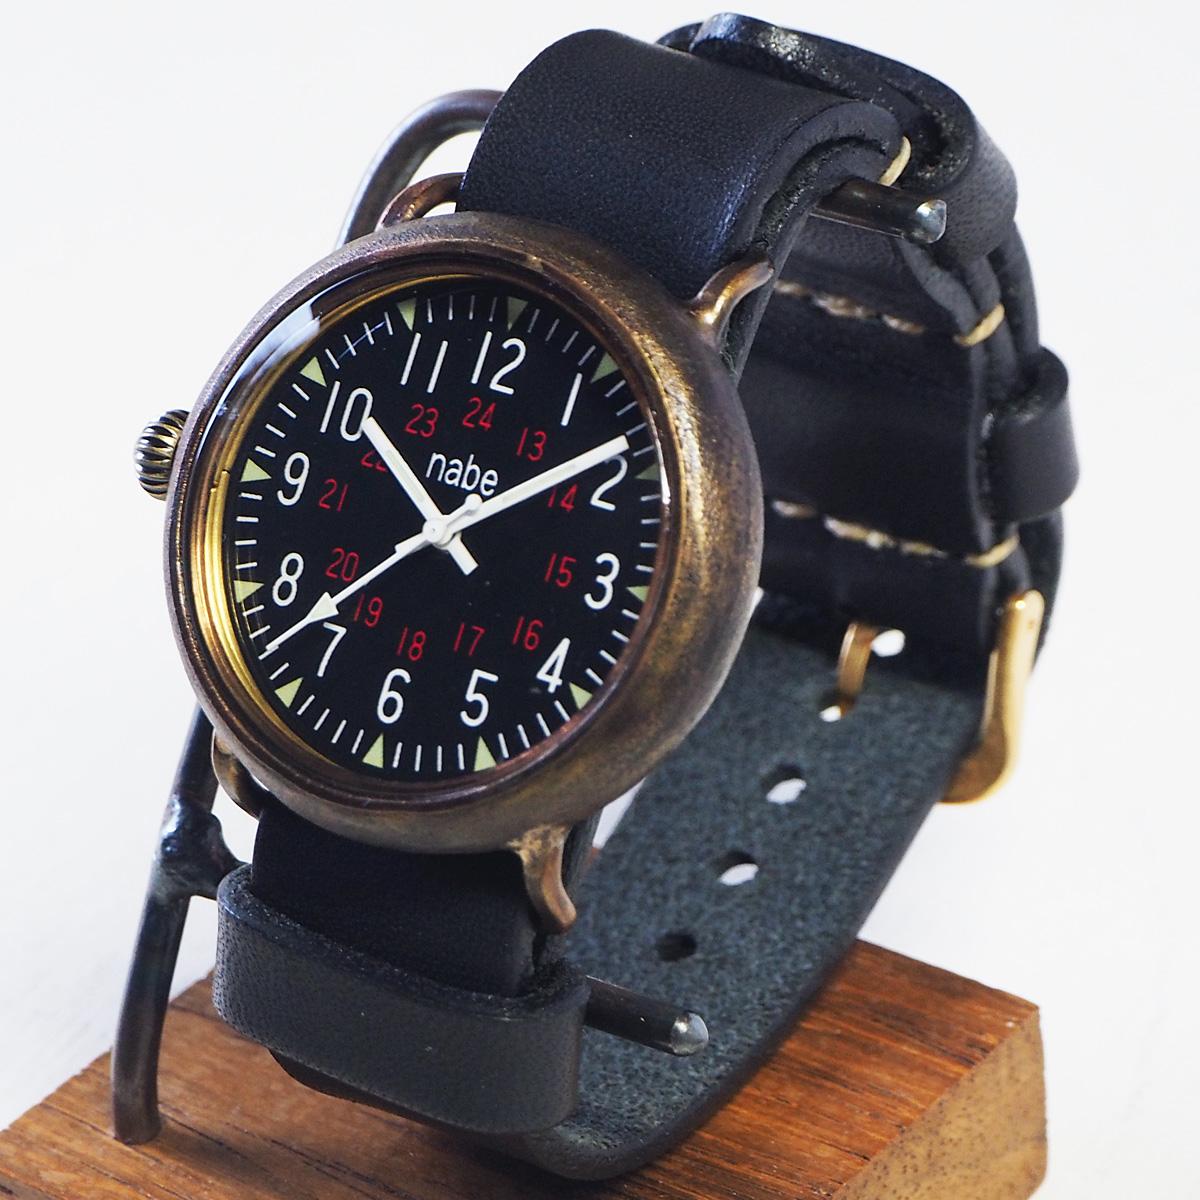 渡辺工房 手作り腕時計  Armor-JB-ML 黒文字盤 ミリタリーウォッチ NATOベルト [NW-JUM155]